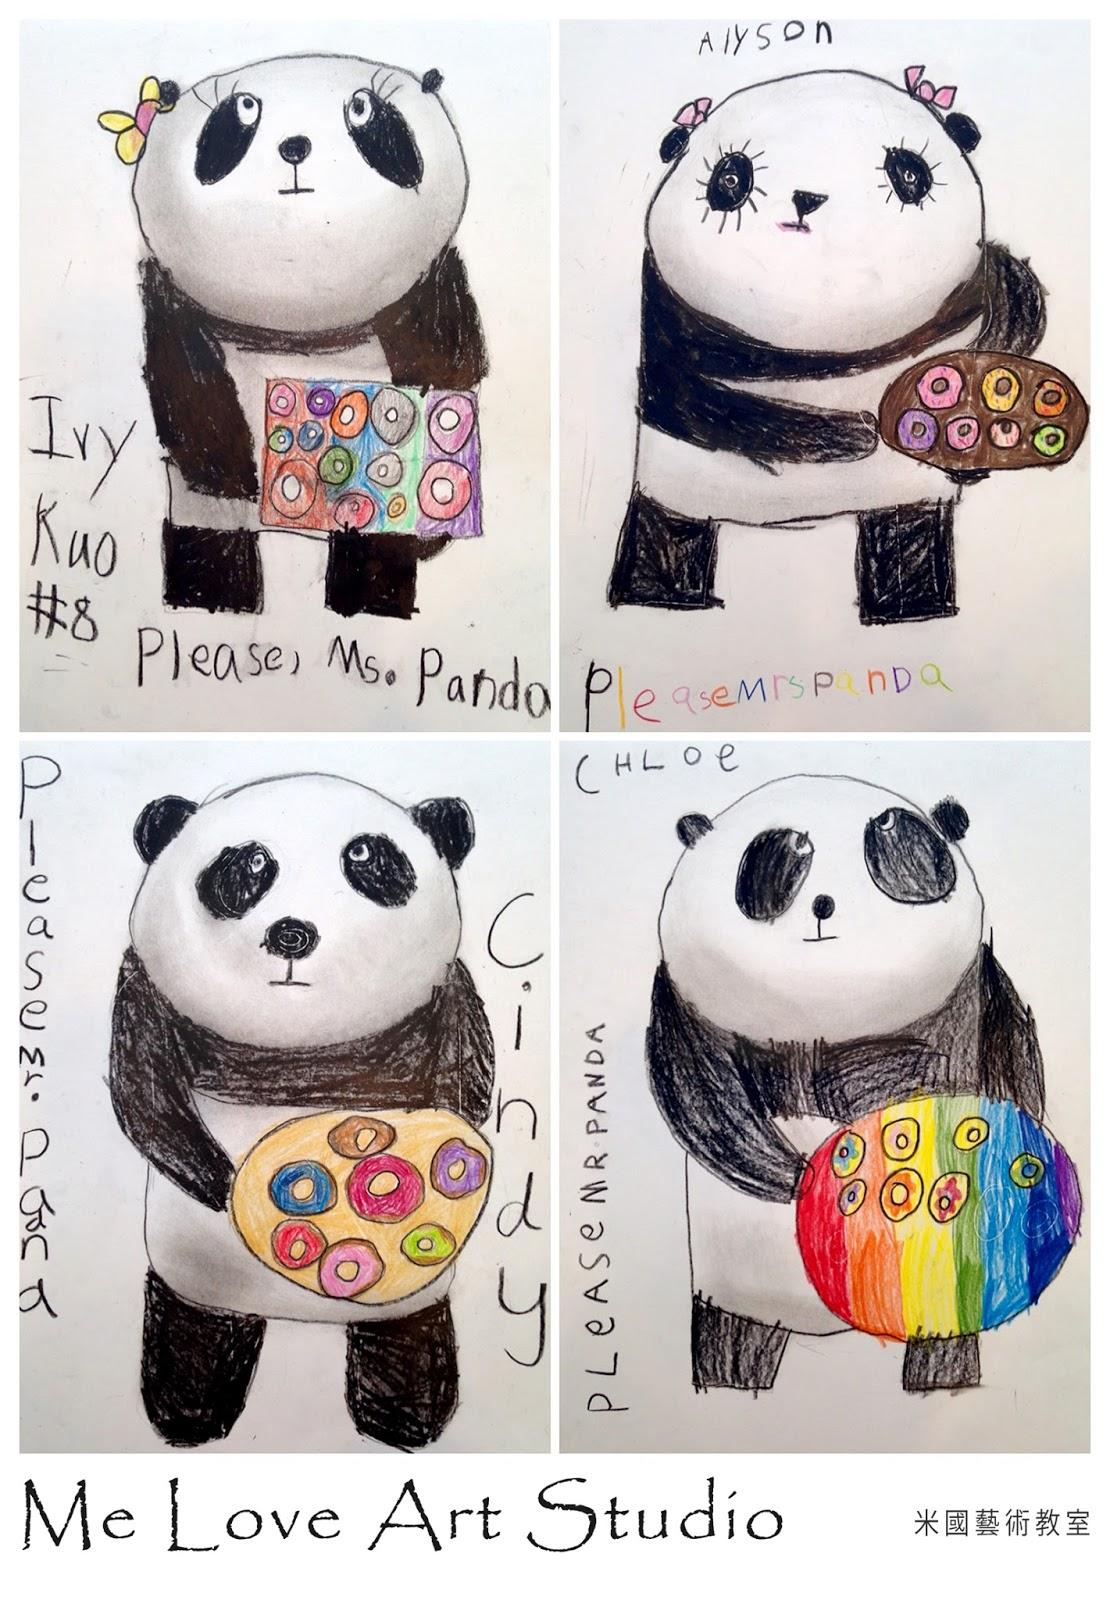 Me Love Art Studio Please Mr Panda Picture Book